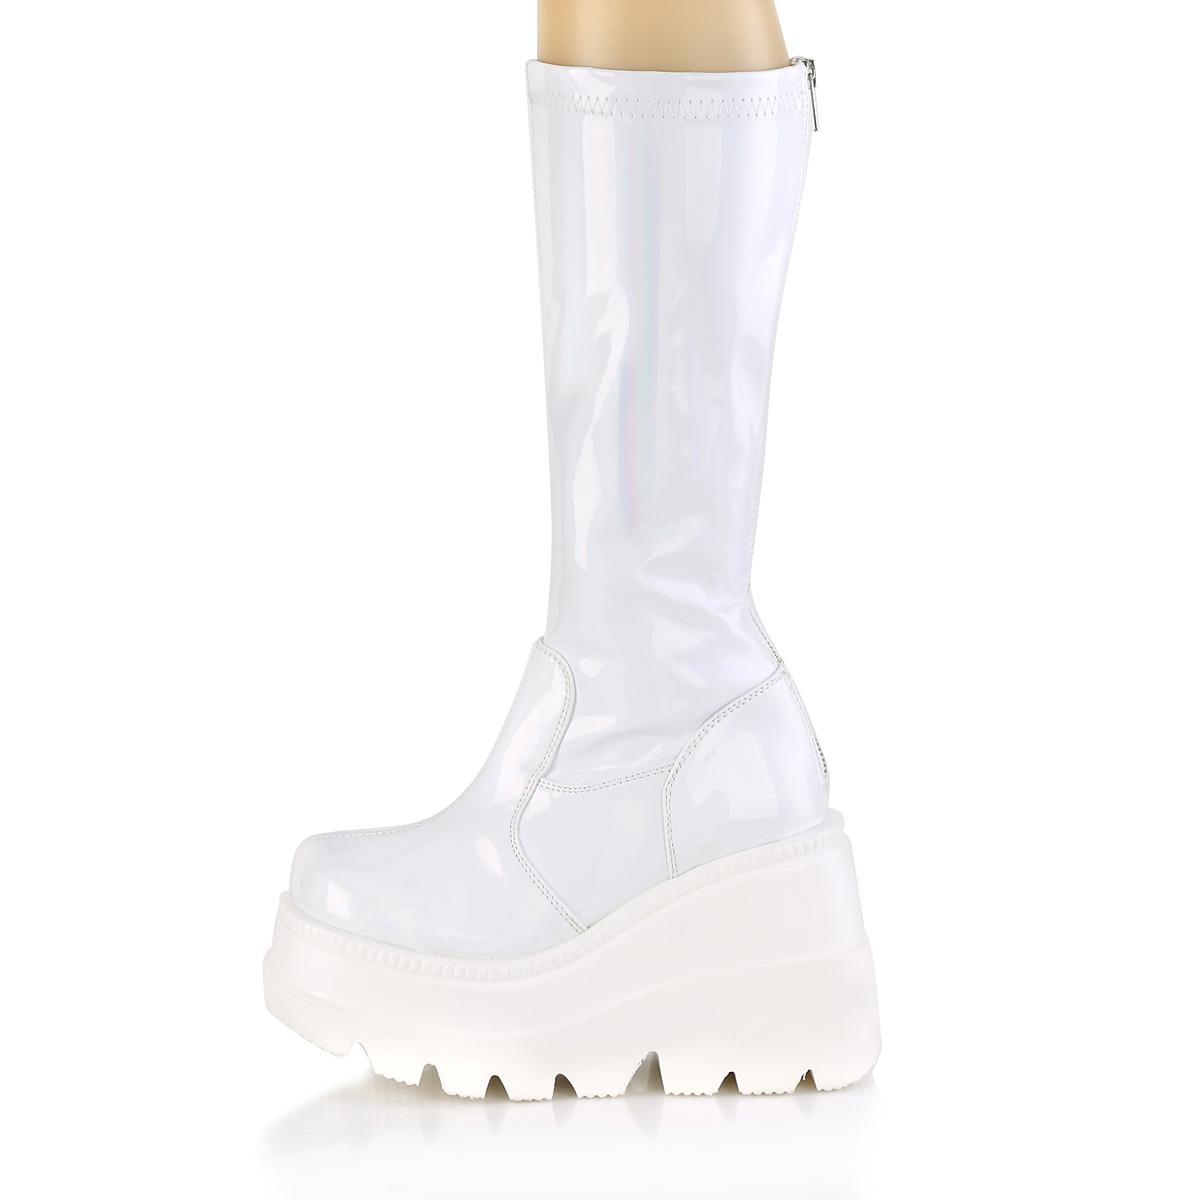 Demonia(デモニア) SHAKER-65 ウェッジソールニーハイブーツ 厚底ブーツ バックジップ 白 ホワイトホログラム◆取り寄せ